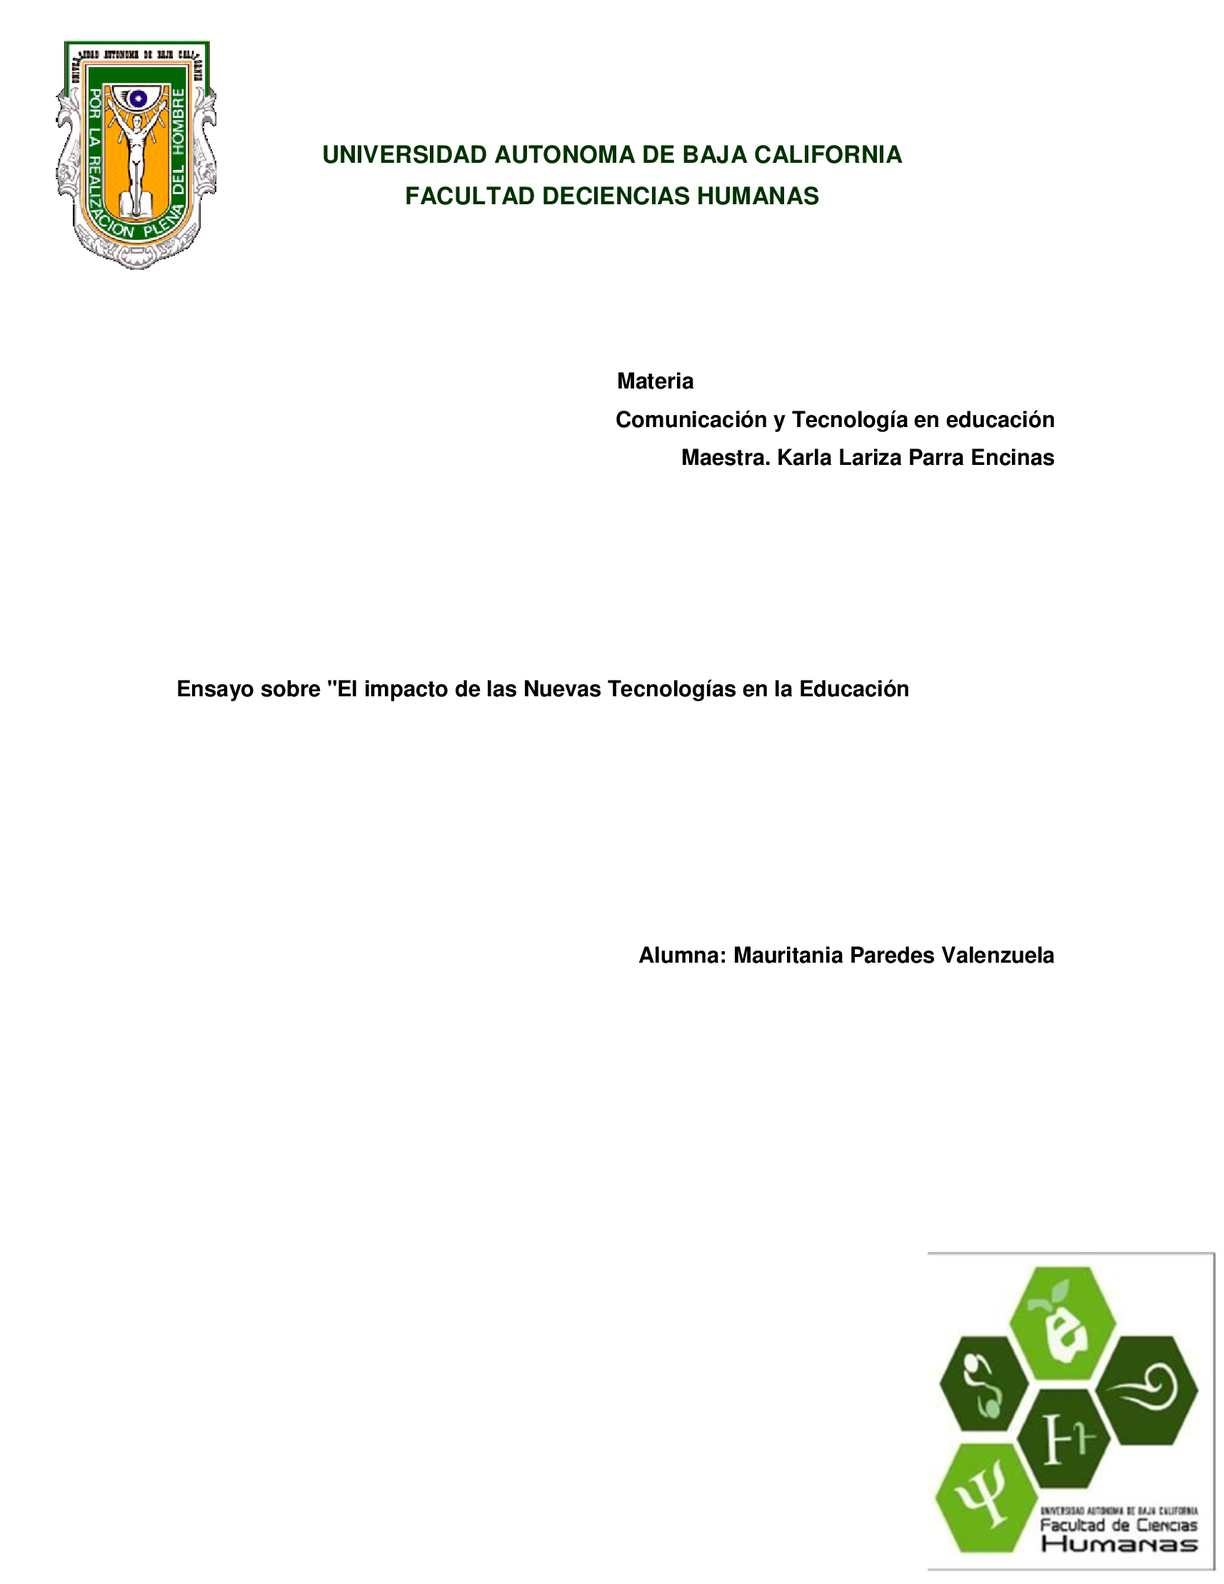 Calaméo - El Impacto De Las Nuevas Tecnologias En La Educacion - photo#3